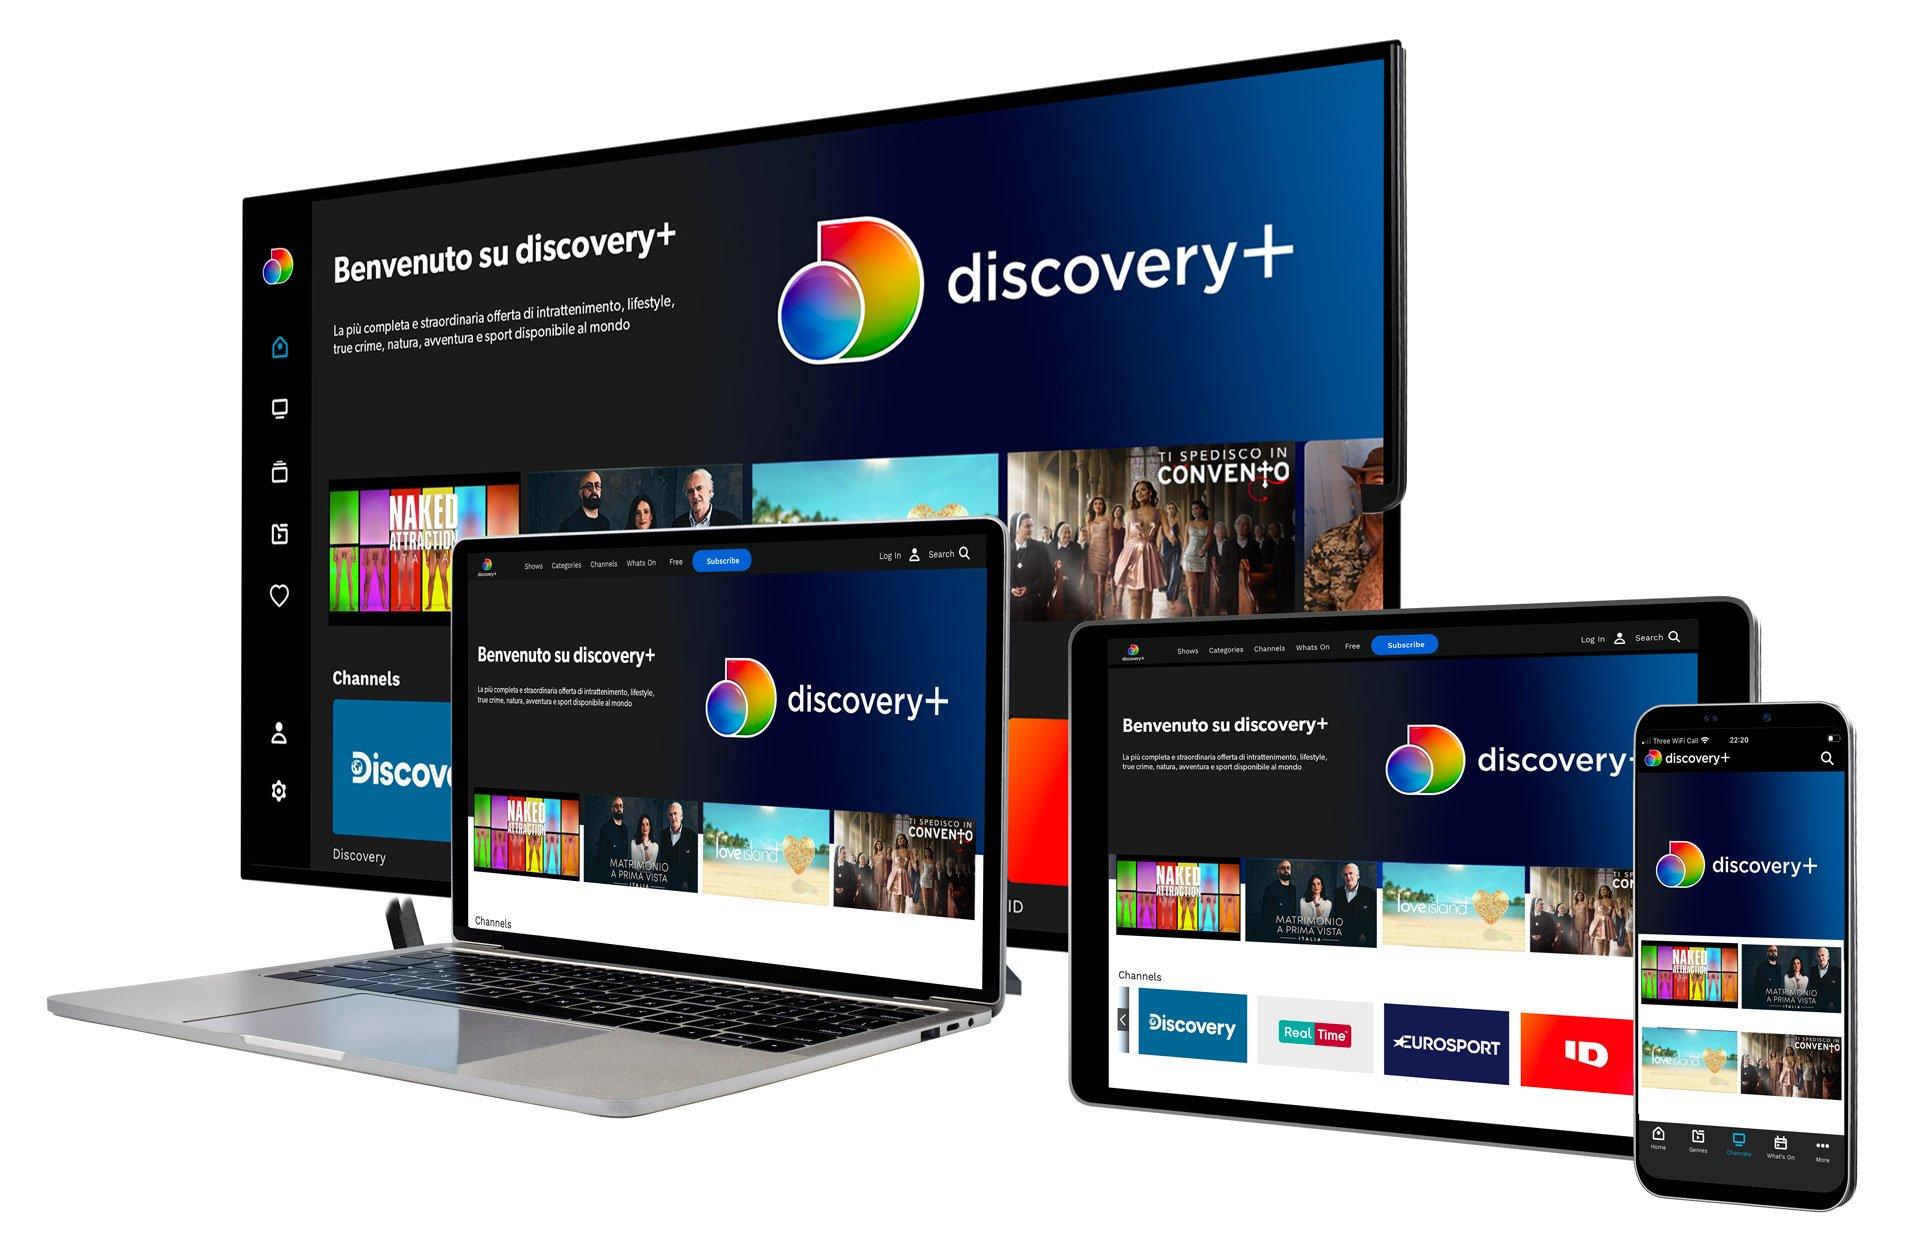 Discovery e Vodafone annunciano una partnership globale